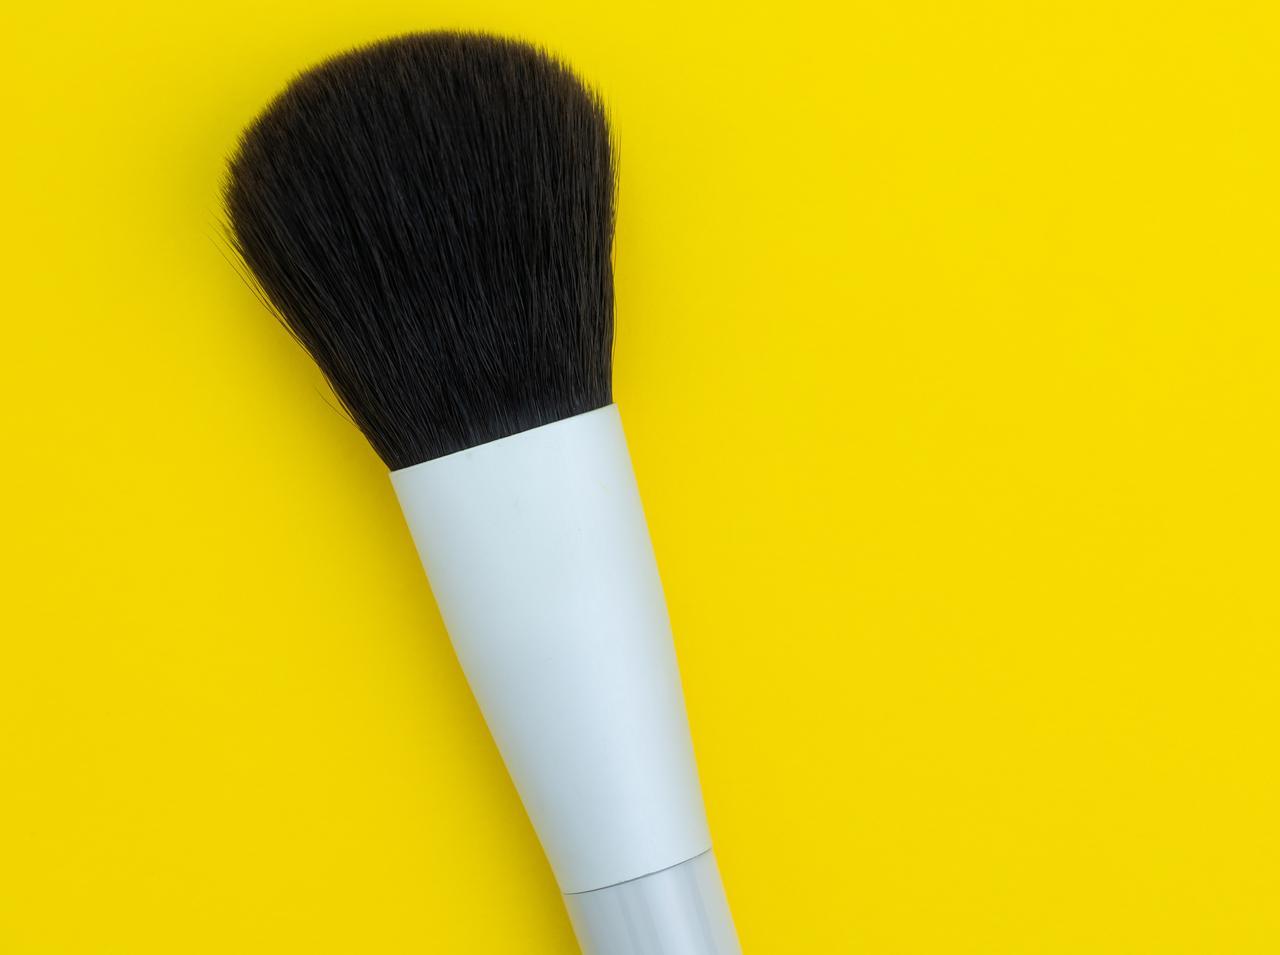 画像: 塗りすぎによる白浮き:ブラシで余分な粉を落とす